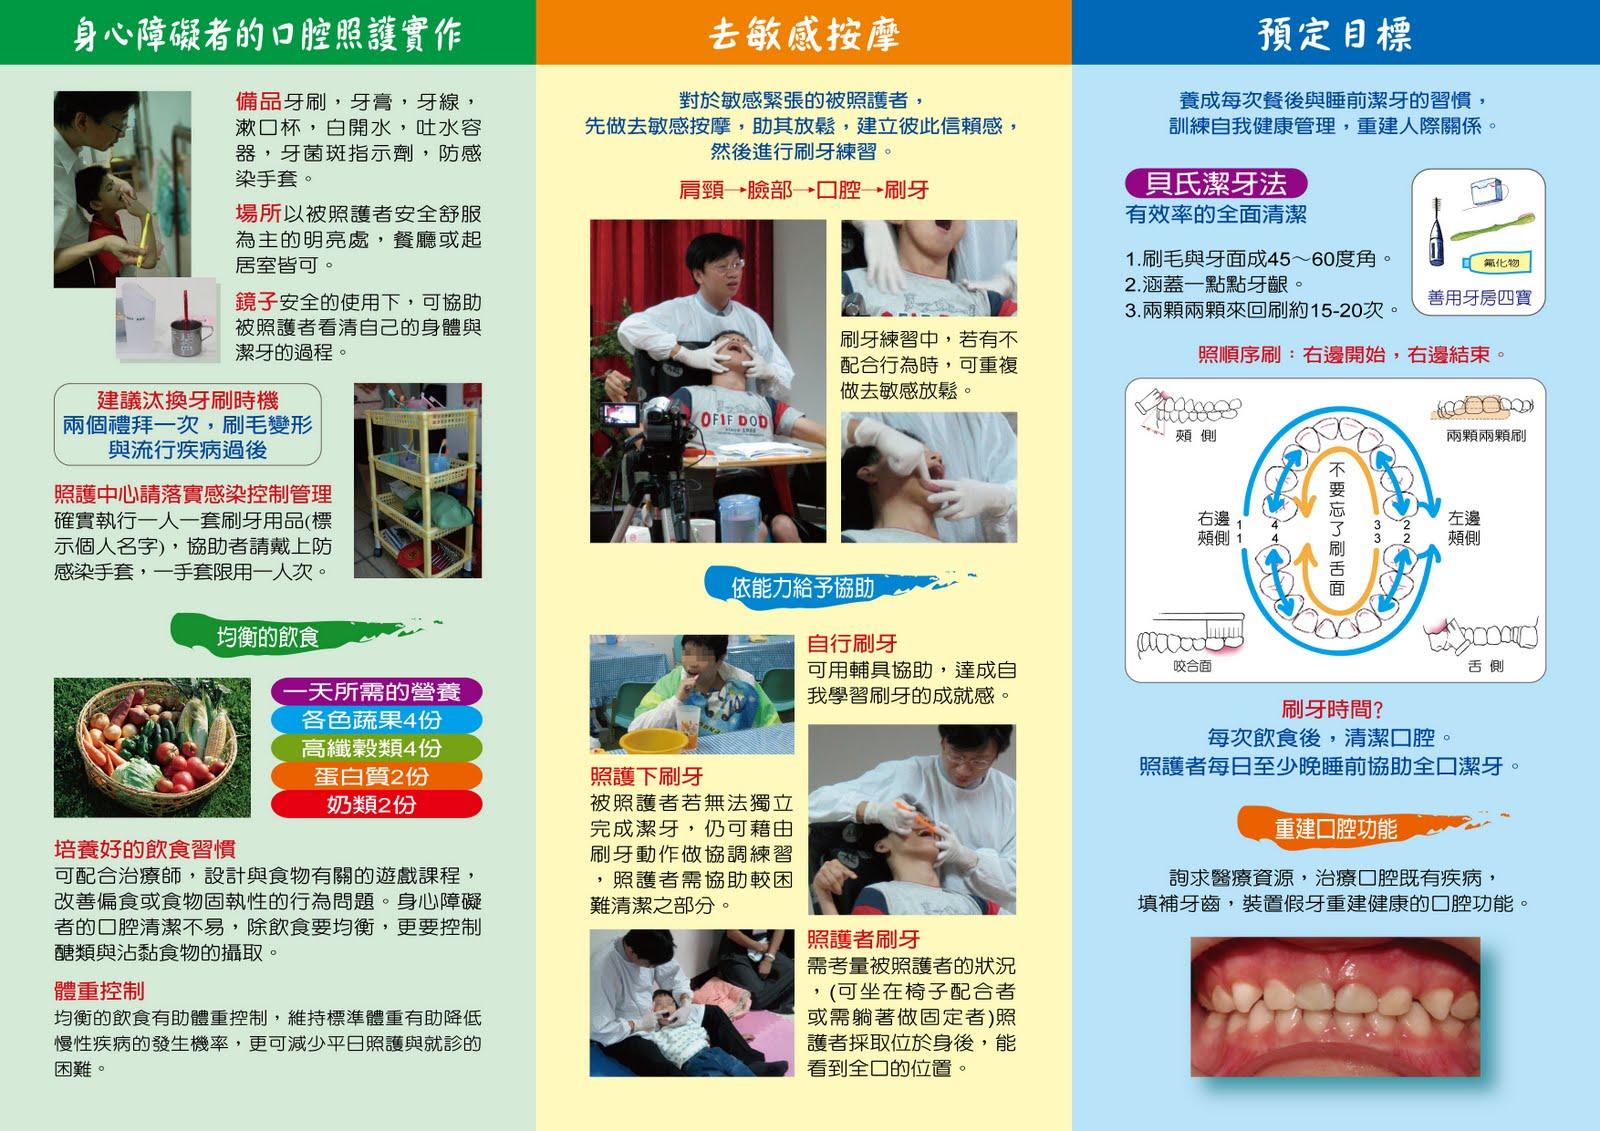 花蓮特殊需求者牙科服務網絡: 2009 宣導單張